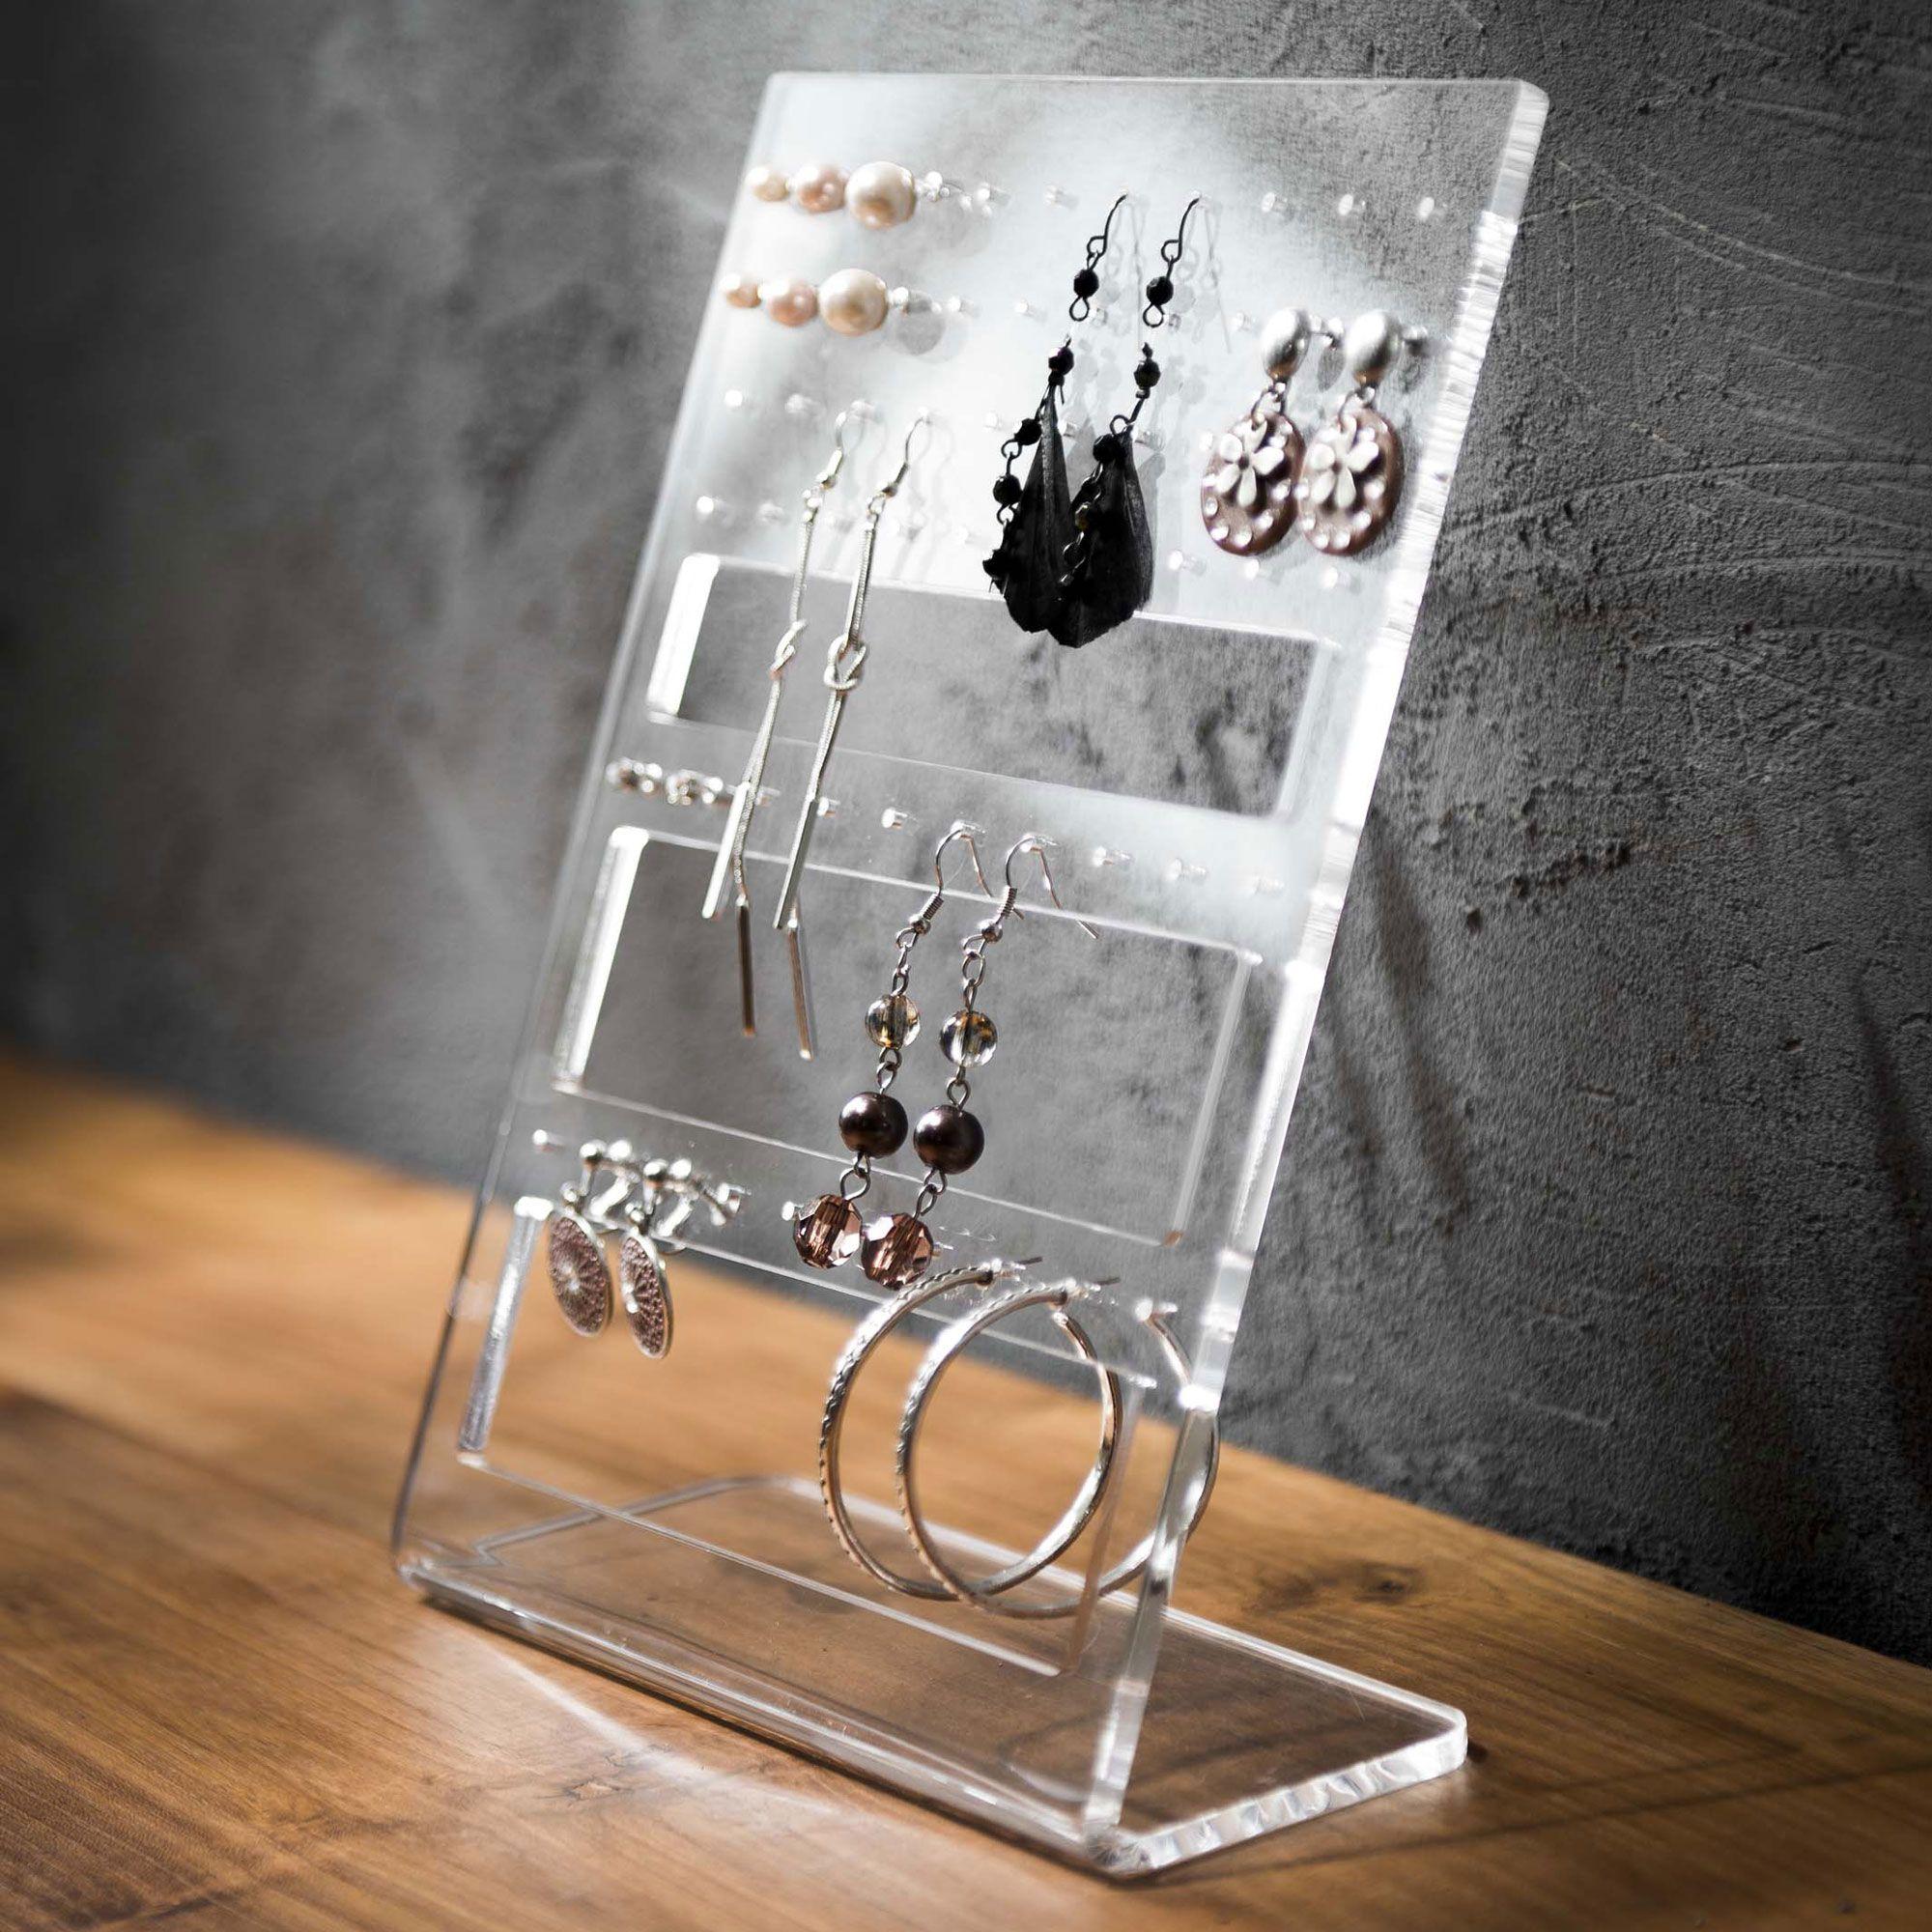 rangement boucles d'oreilles fait maison - Recherche Google (avec images)   Rangement de bijoux